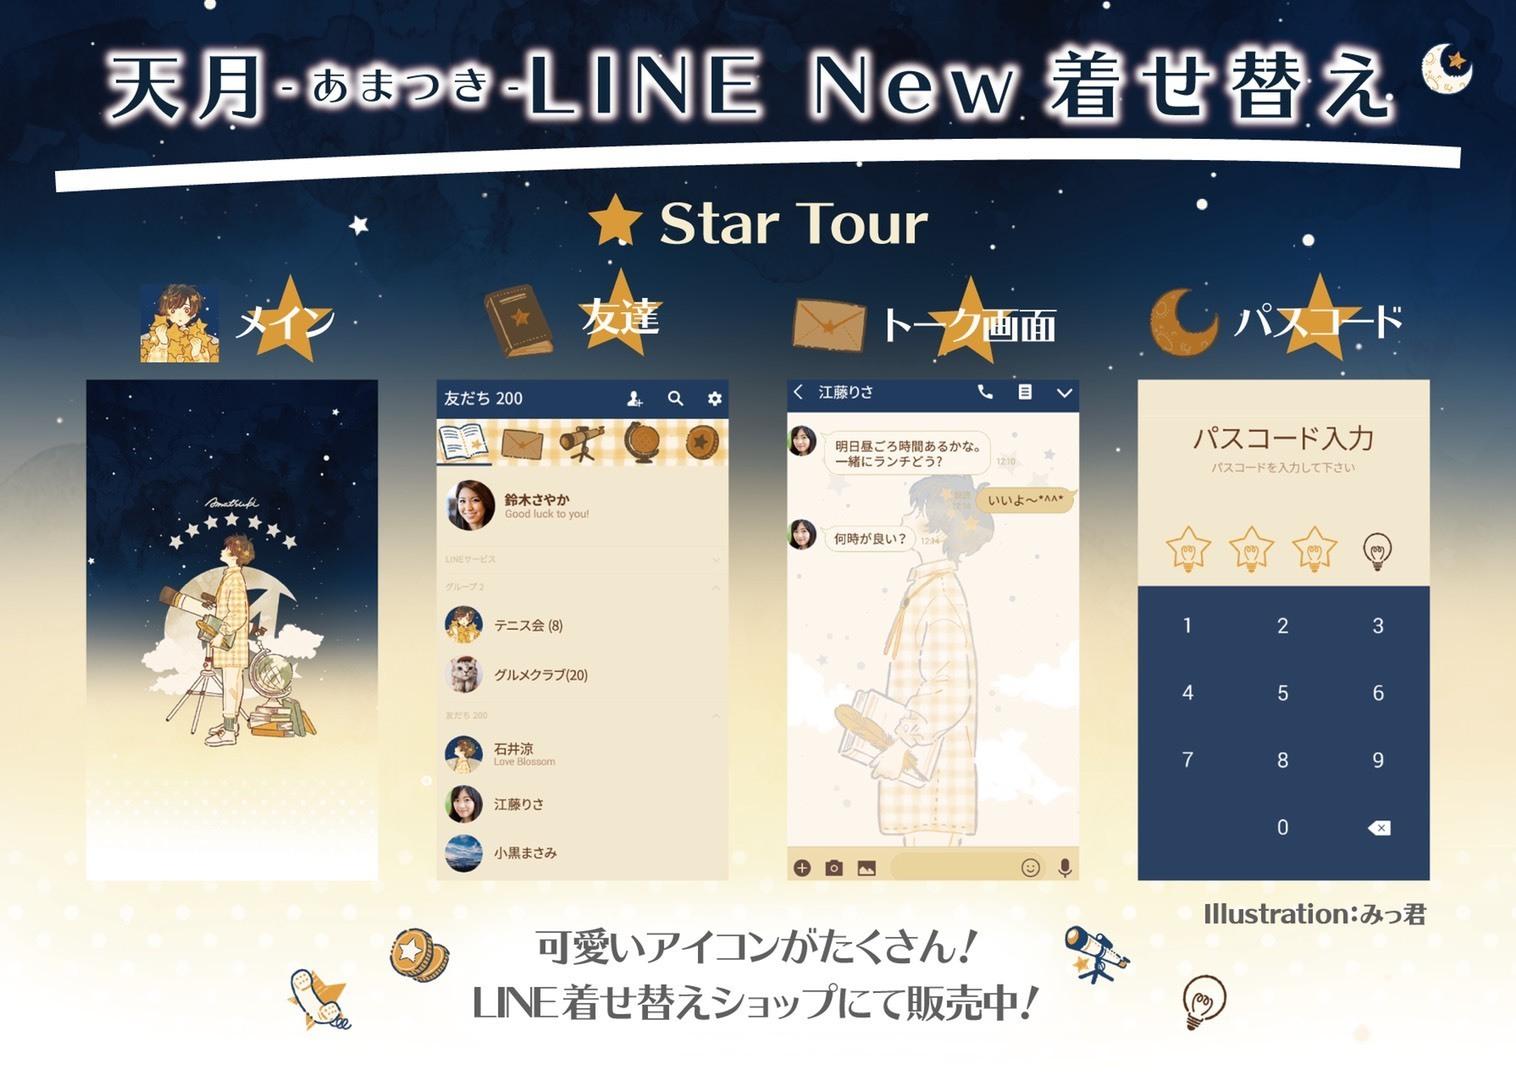 天月 オリジナルline着せ替えリリース 天月 Official Web Site